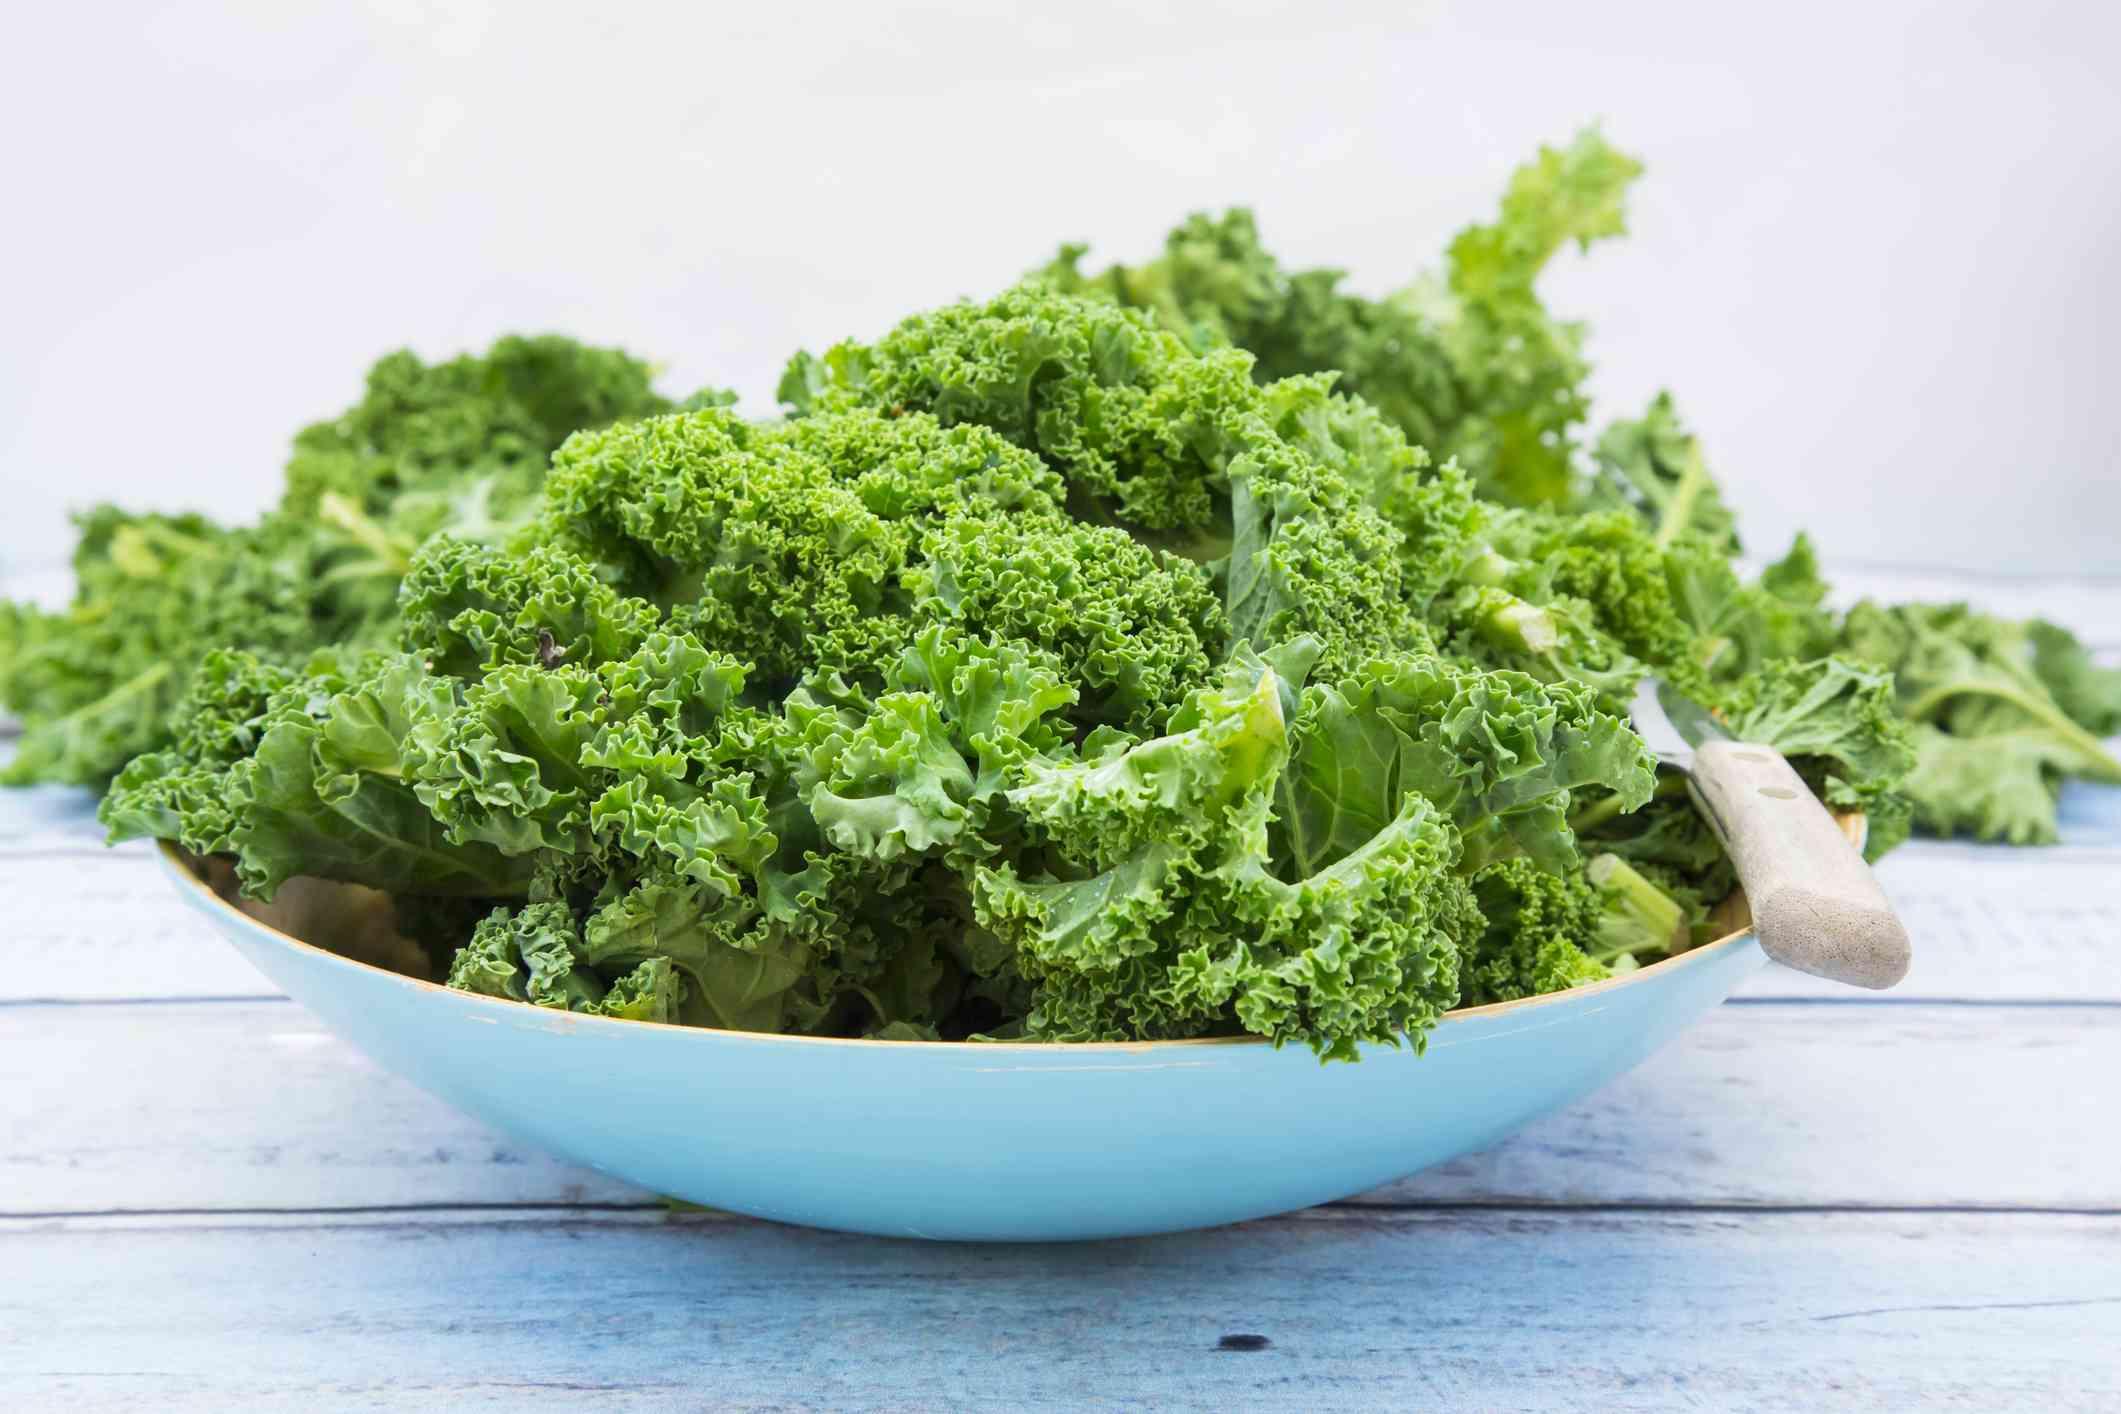 Bowl of raw kale